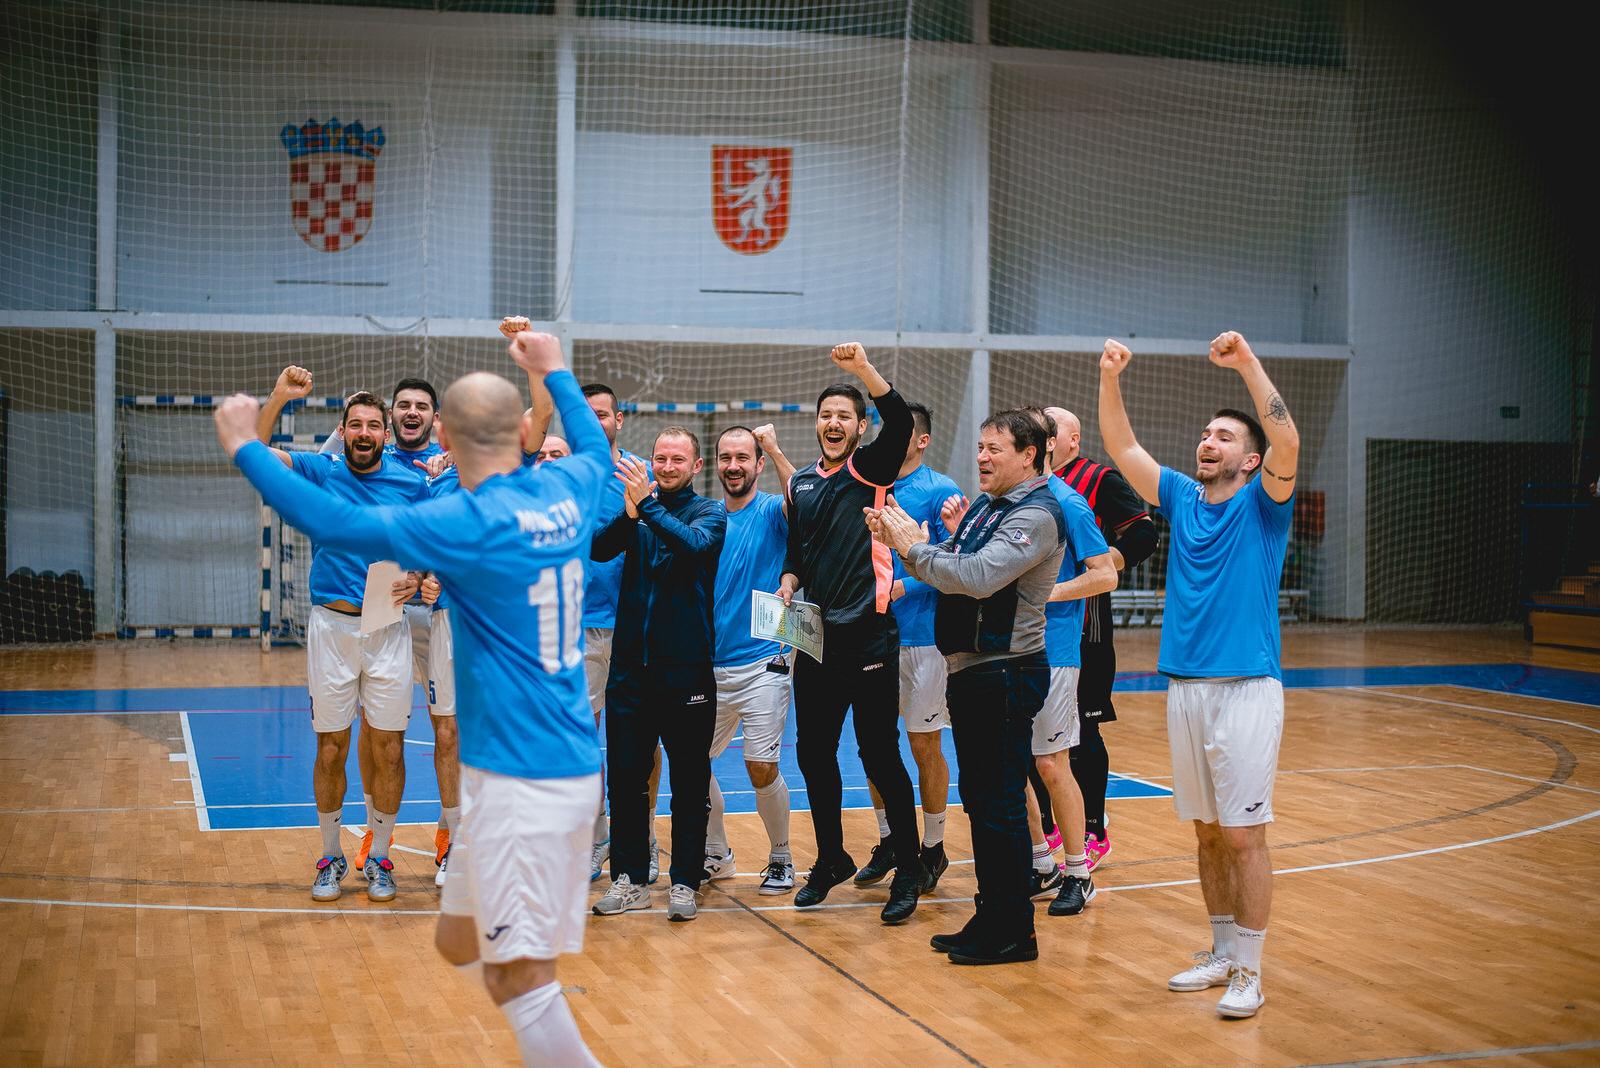 likaclub_gospić_zimski-malonogometni-turnir-2018-19-107